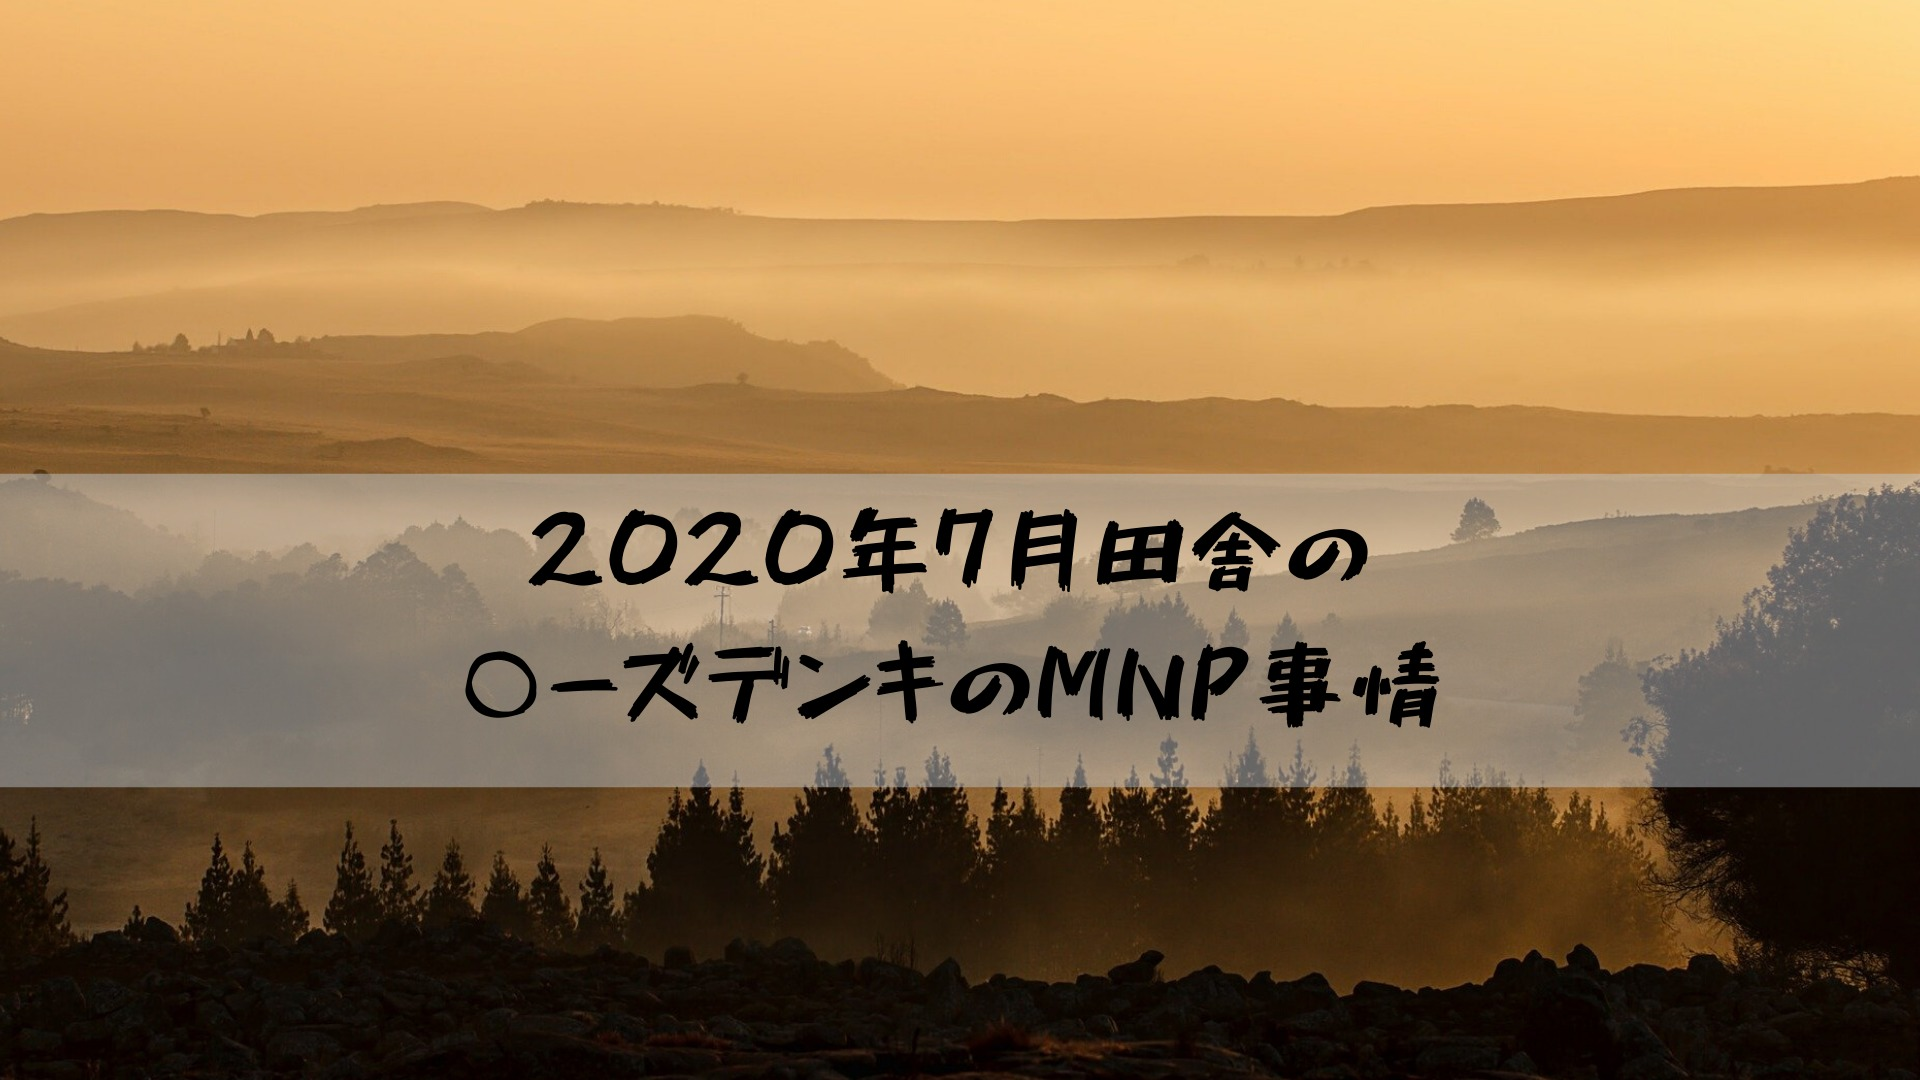 2020年7月田舎の○ーズデンキのMNP事情